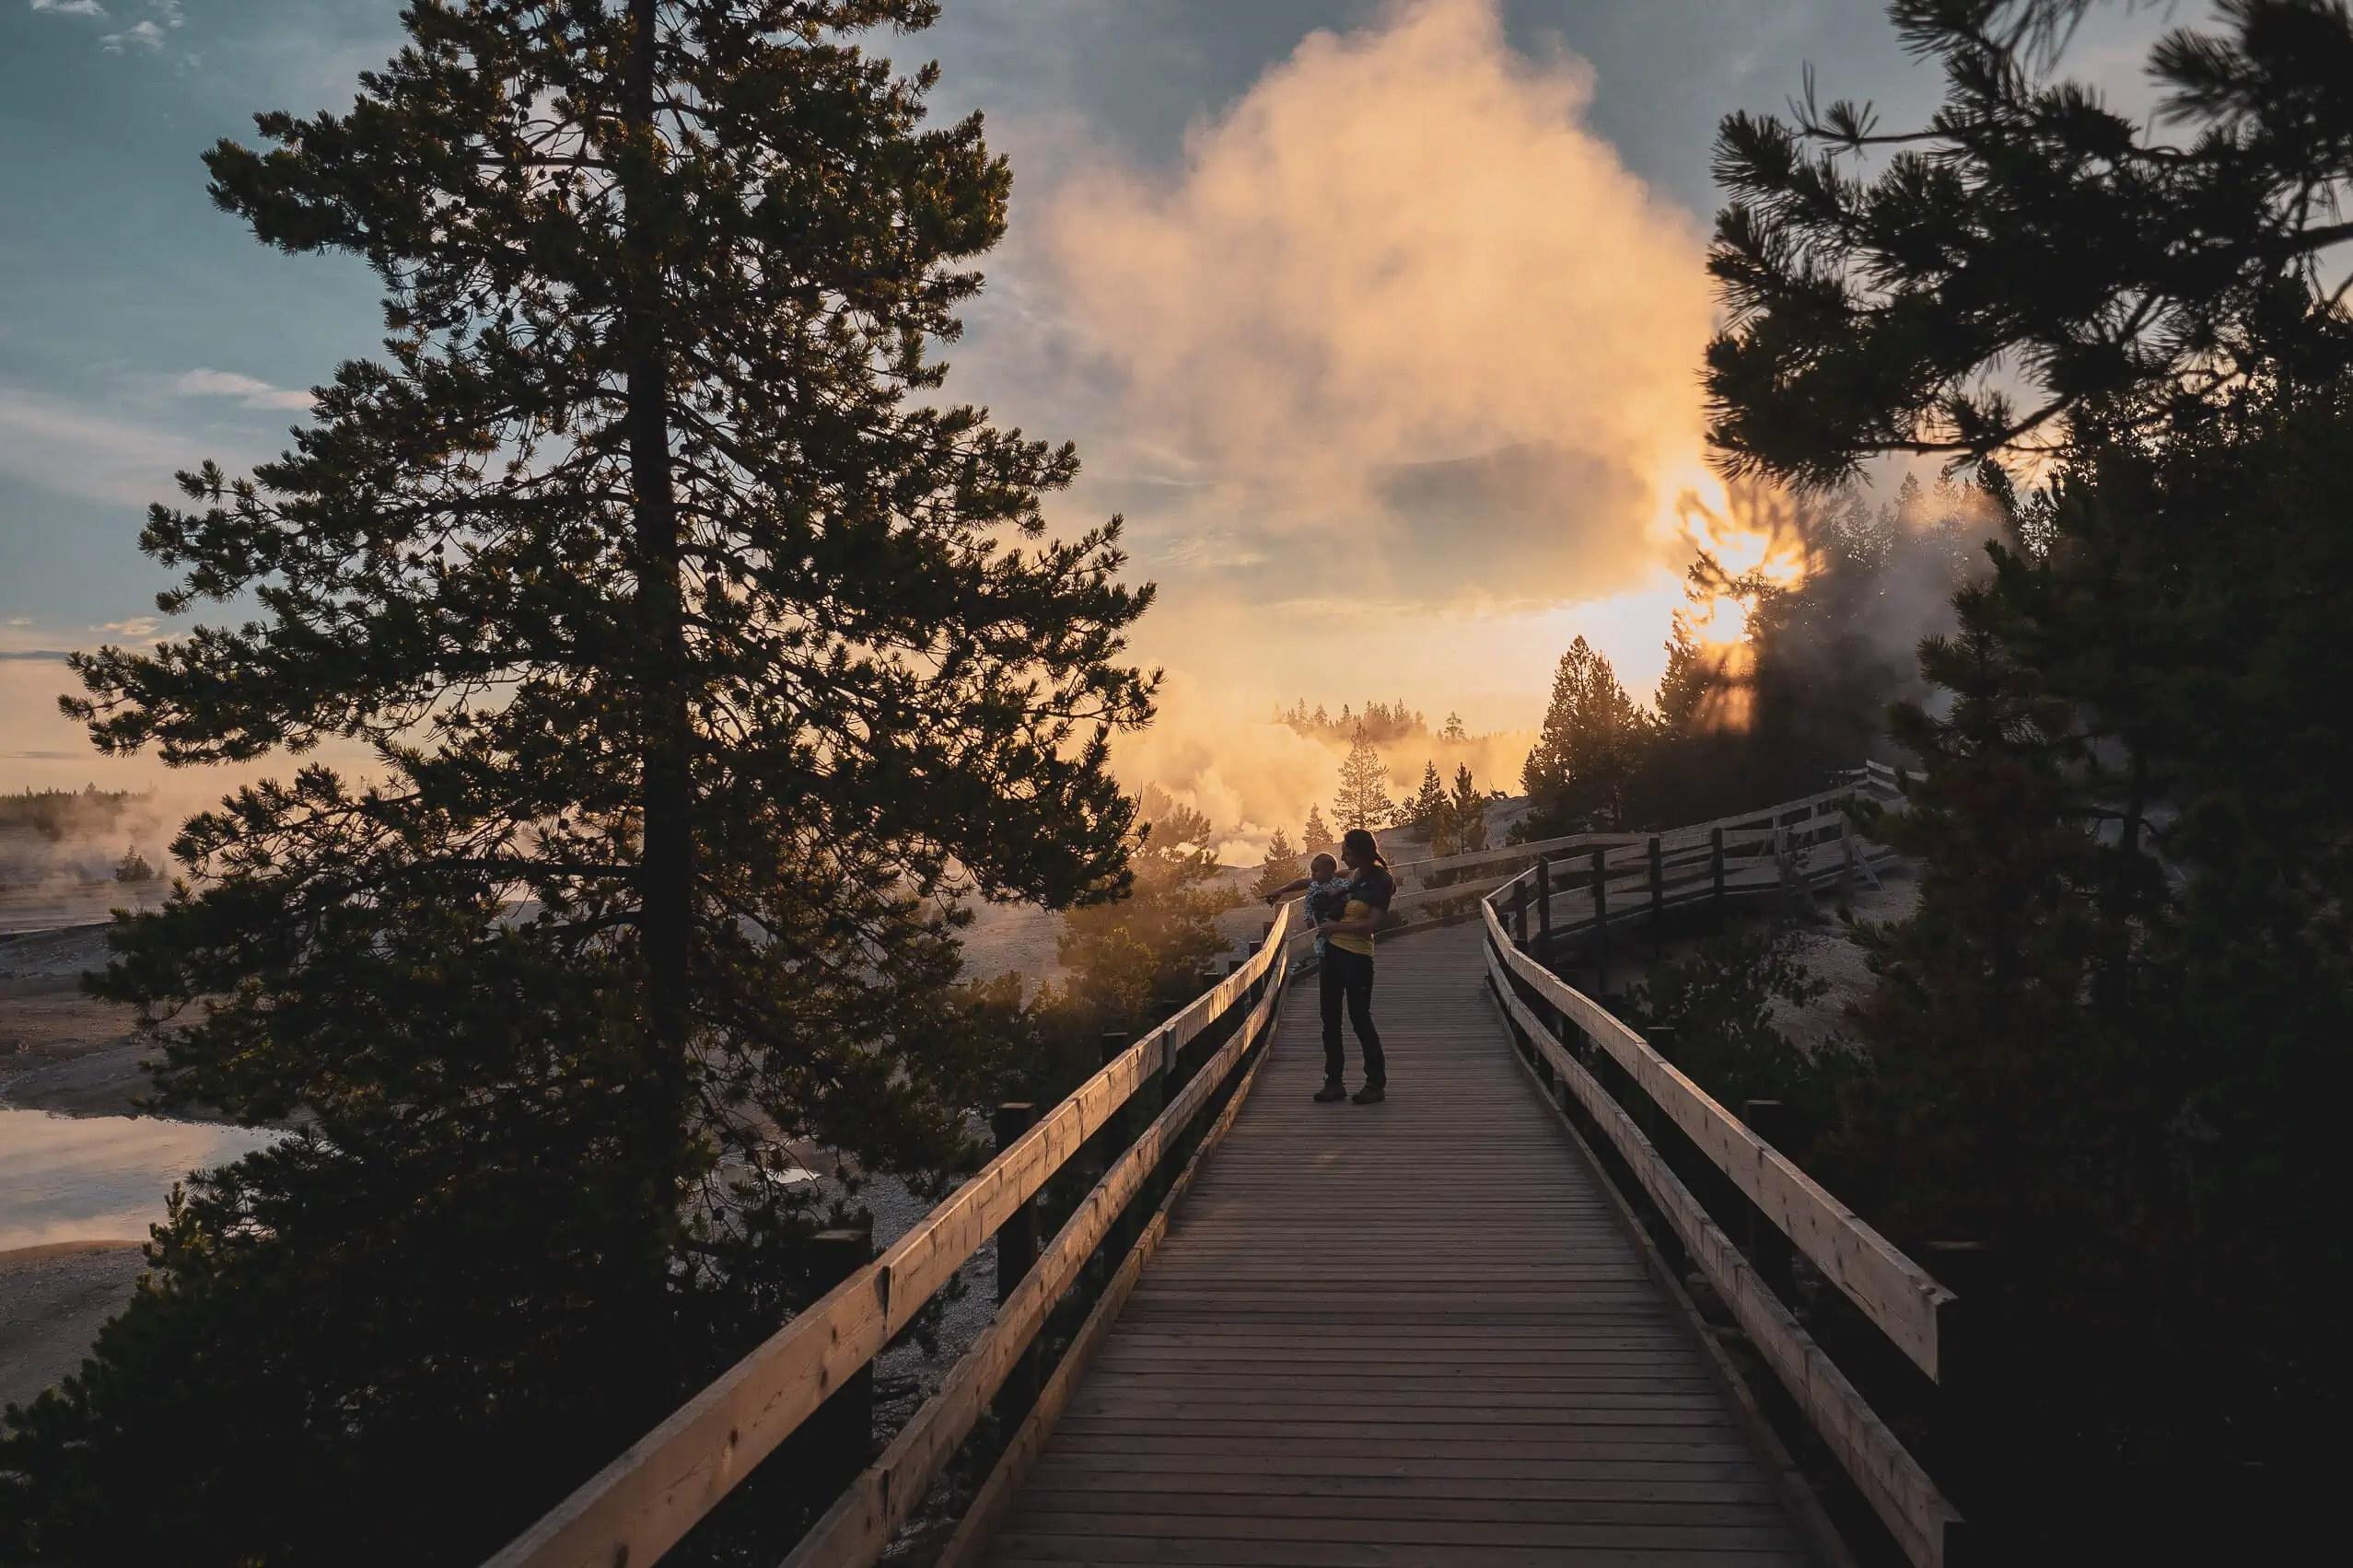 Yellowstone, Grands Parcs, parc national, réserve, nature, USA, Amérique, américain, animaux, roadtrip, visiter, voyage, conseils, soleil, Noris